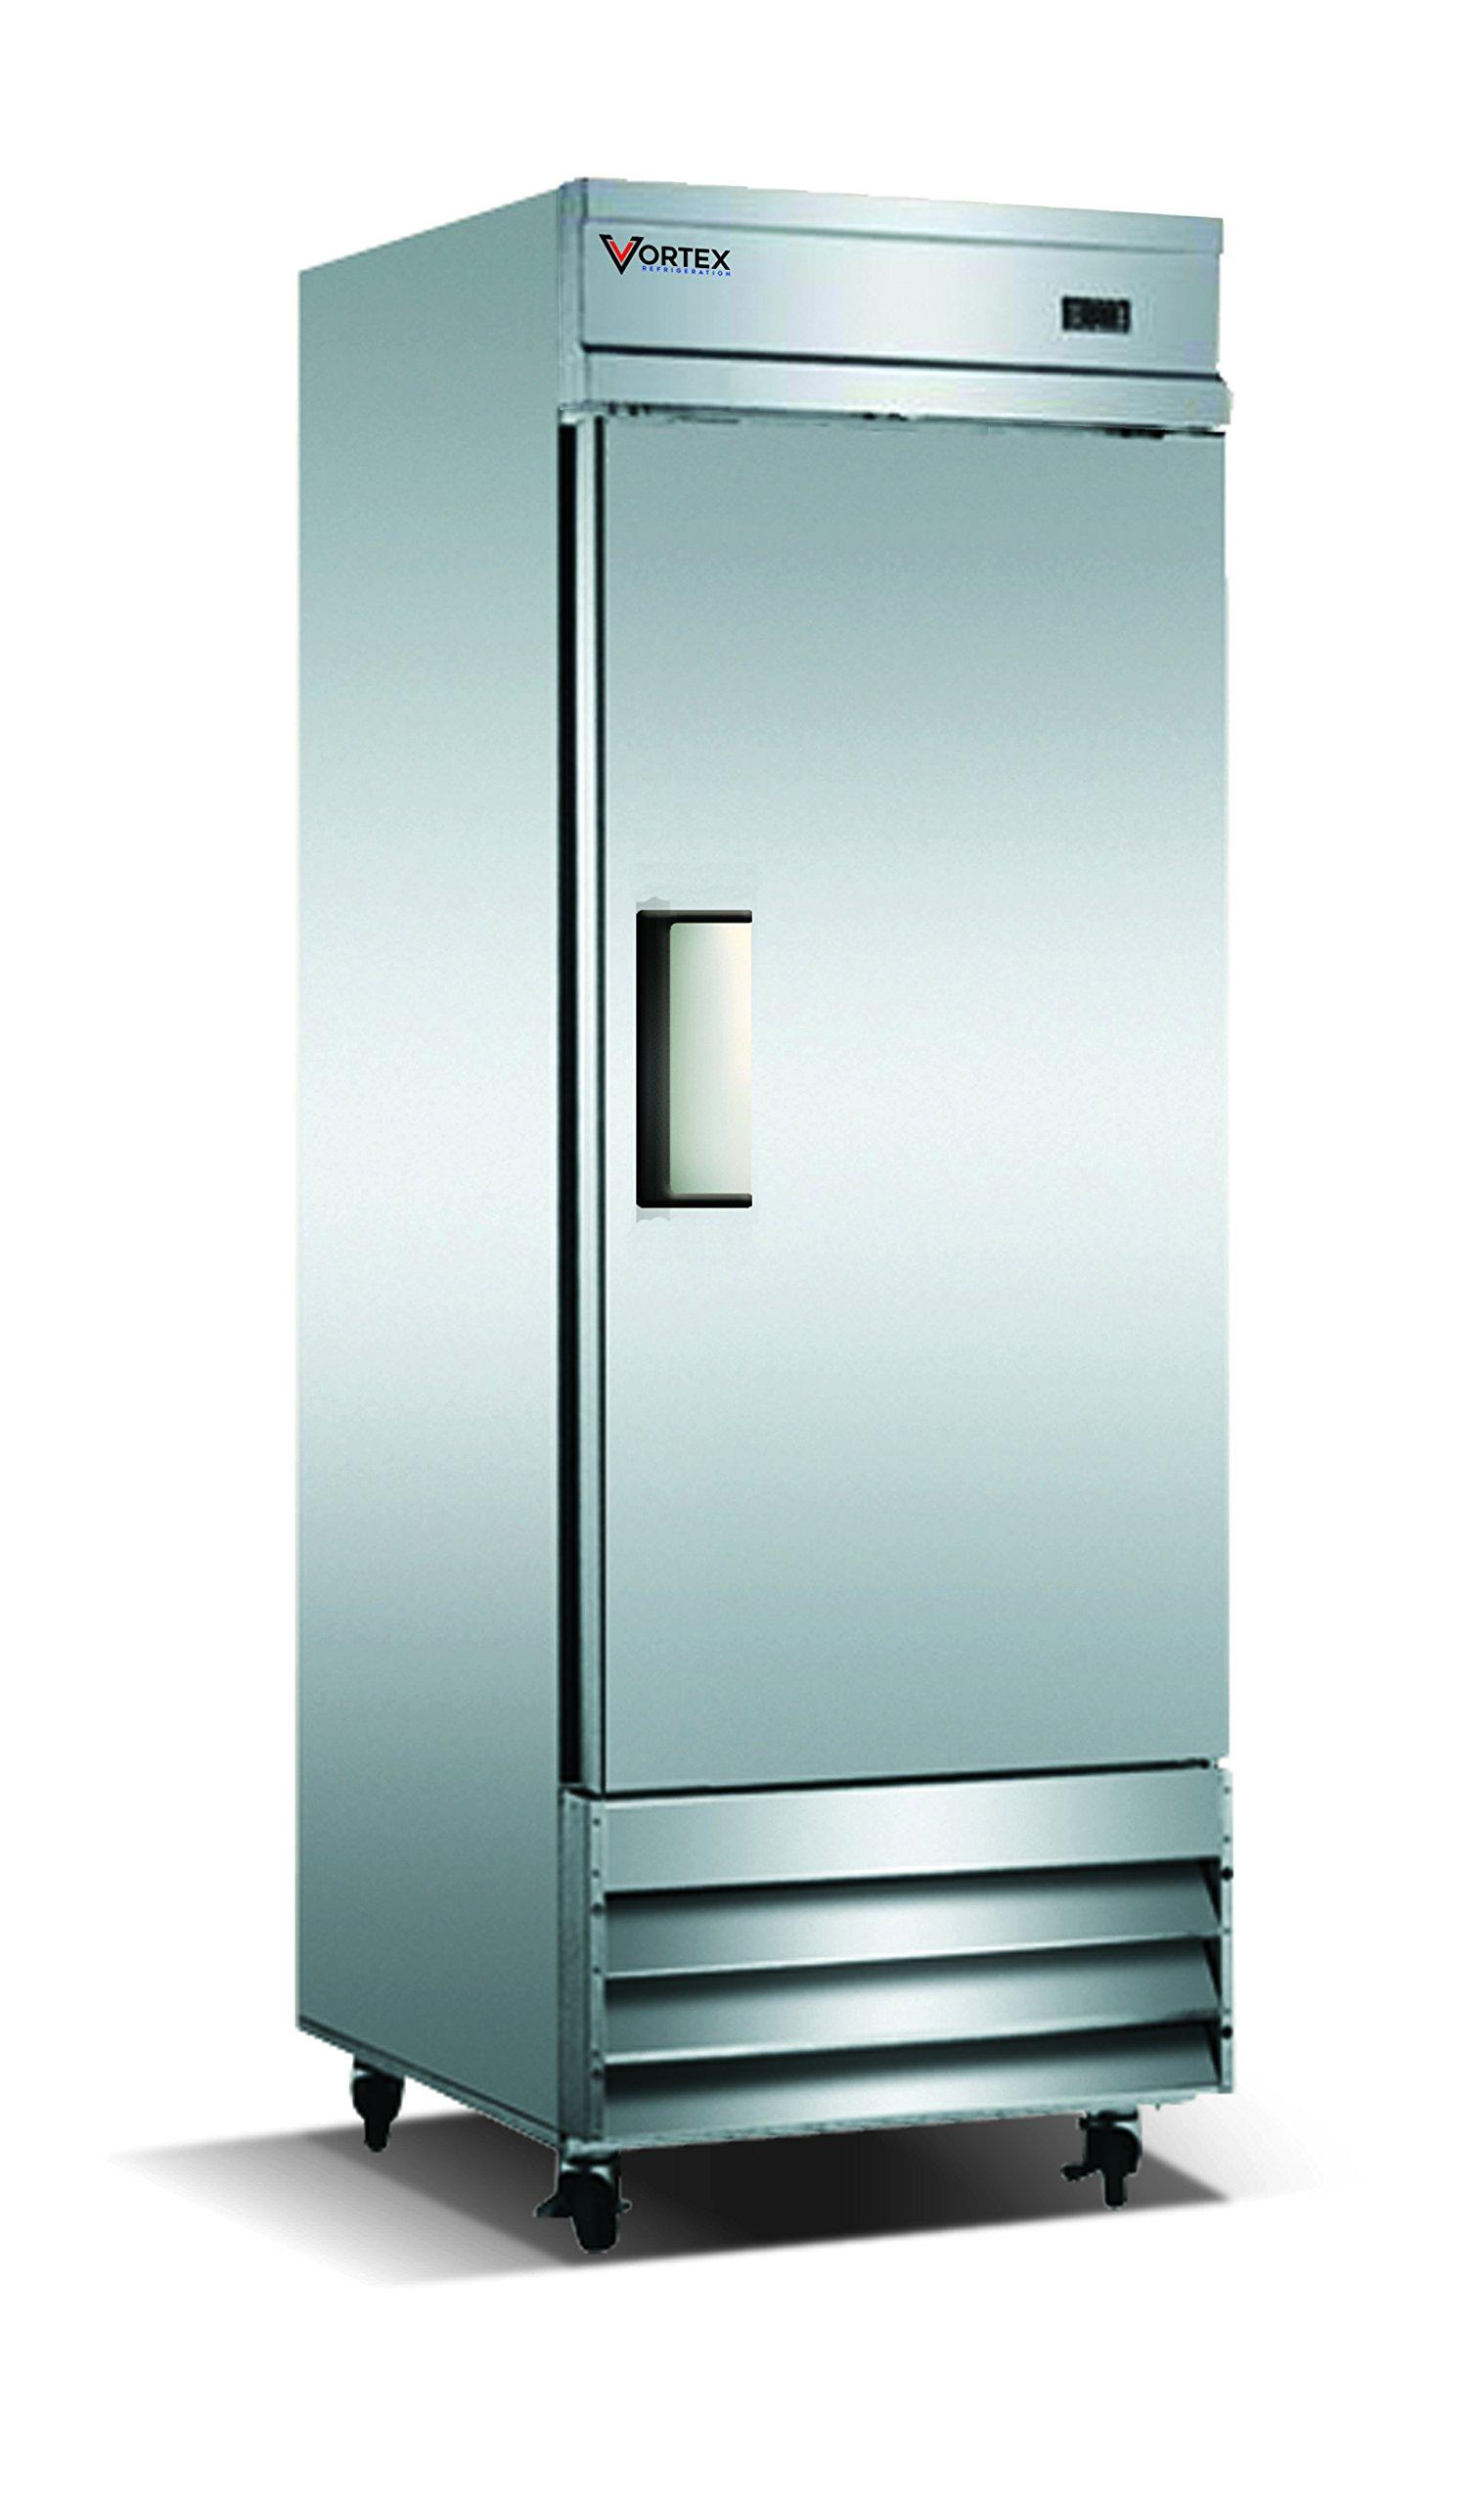 Vortex Refrigeration Commercial 1 Solid Door Freezer - 23 Cu. Ft.